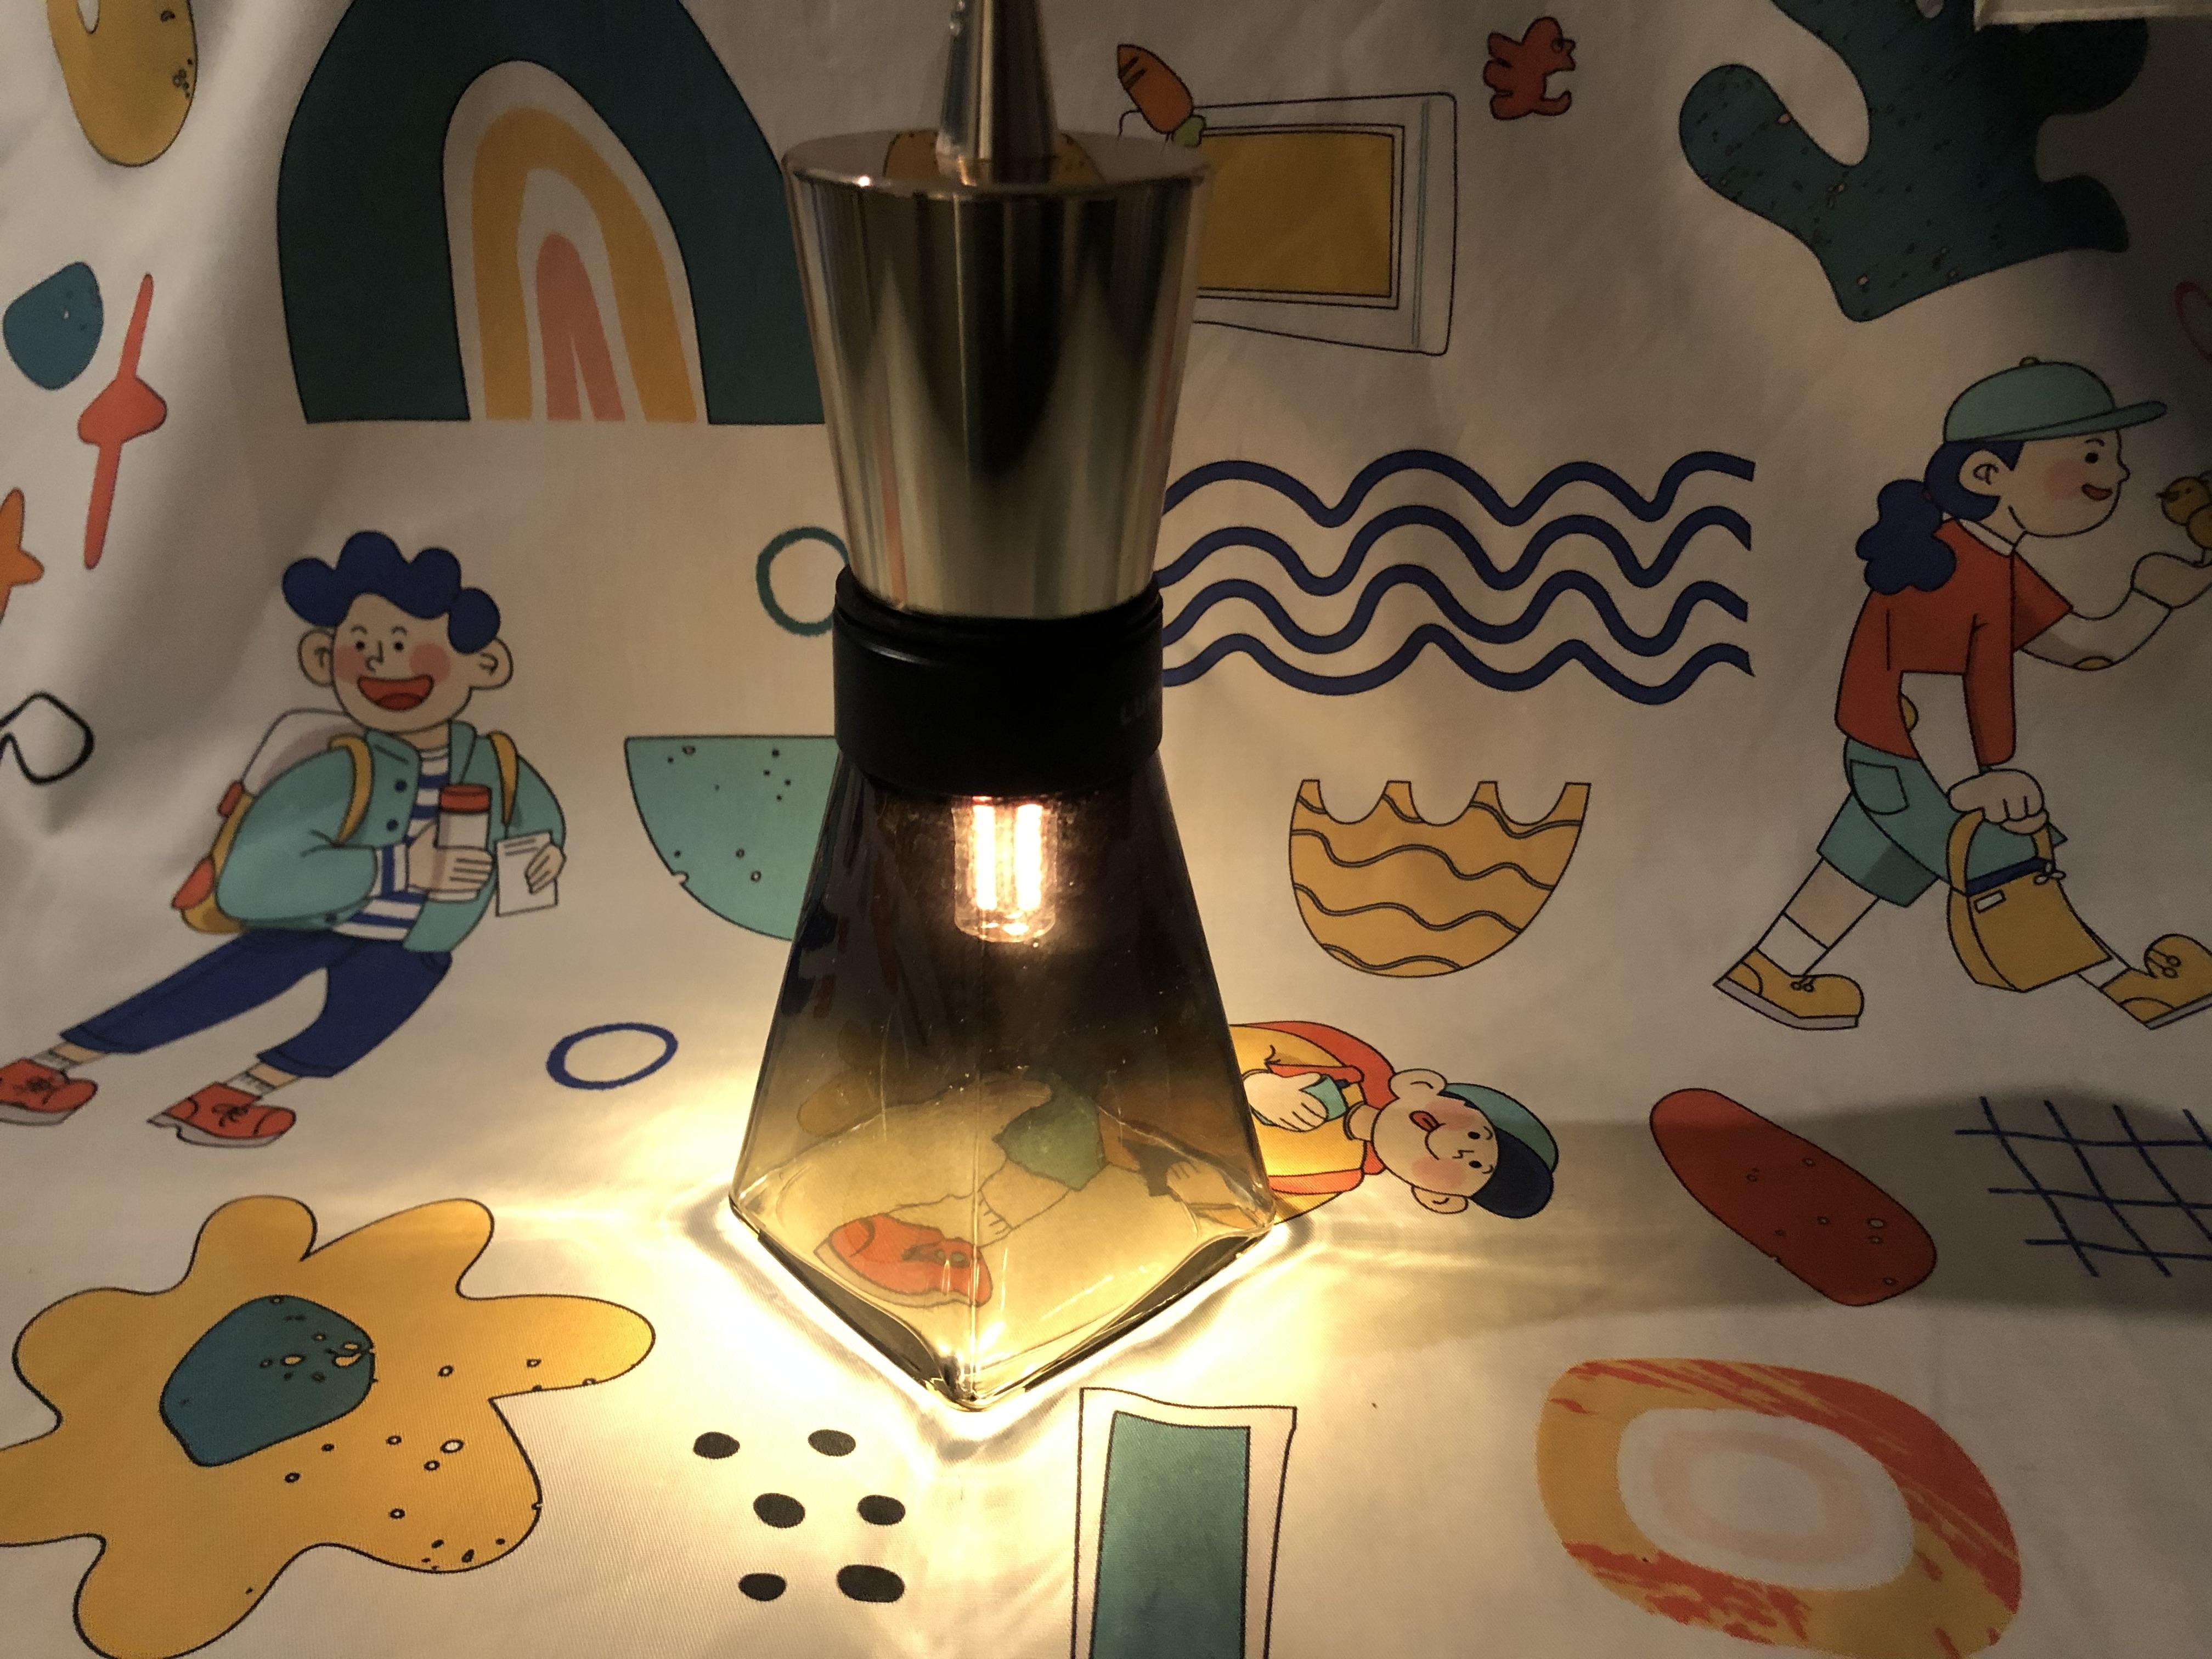 식용유로 켜는 LED 램프를 아세요?